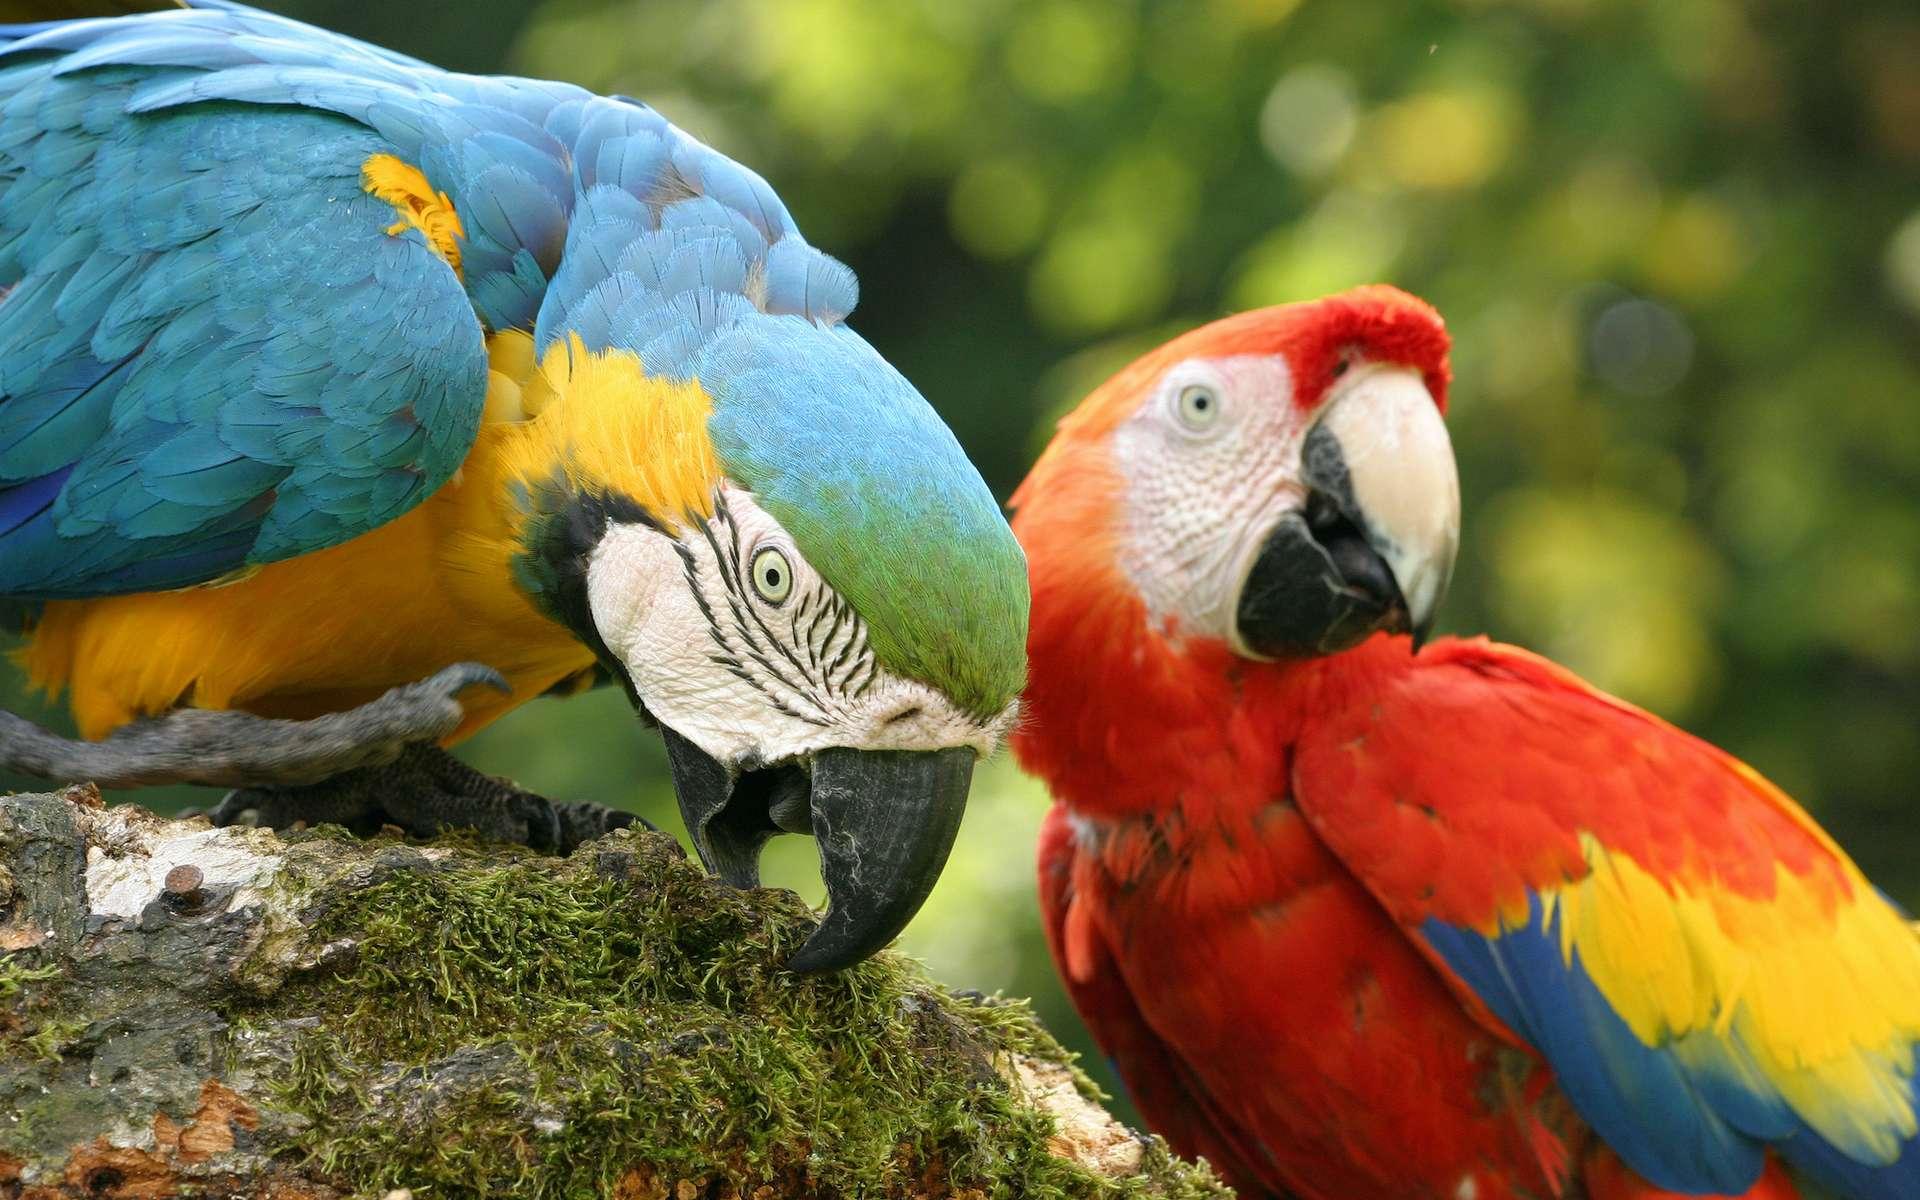 Le perroquet, la perruche, l'ara ou le toui font partie de la même famille des Psittacidés. © Herby Me, Adobe Stock